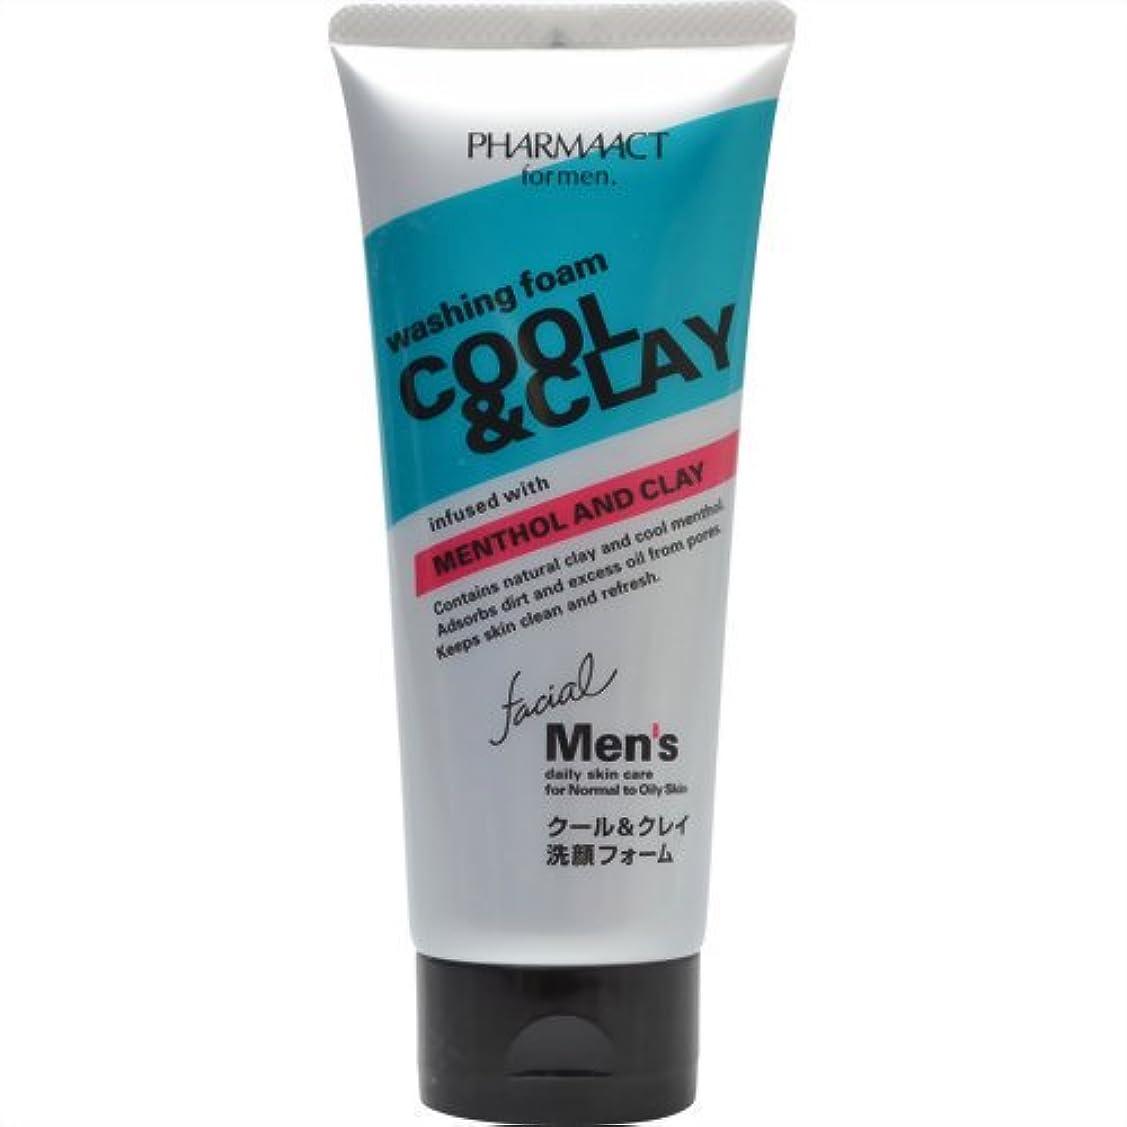 安心効能ある取得ファーマアクト メンズ クール&クレイ洗顔フォーム 130g